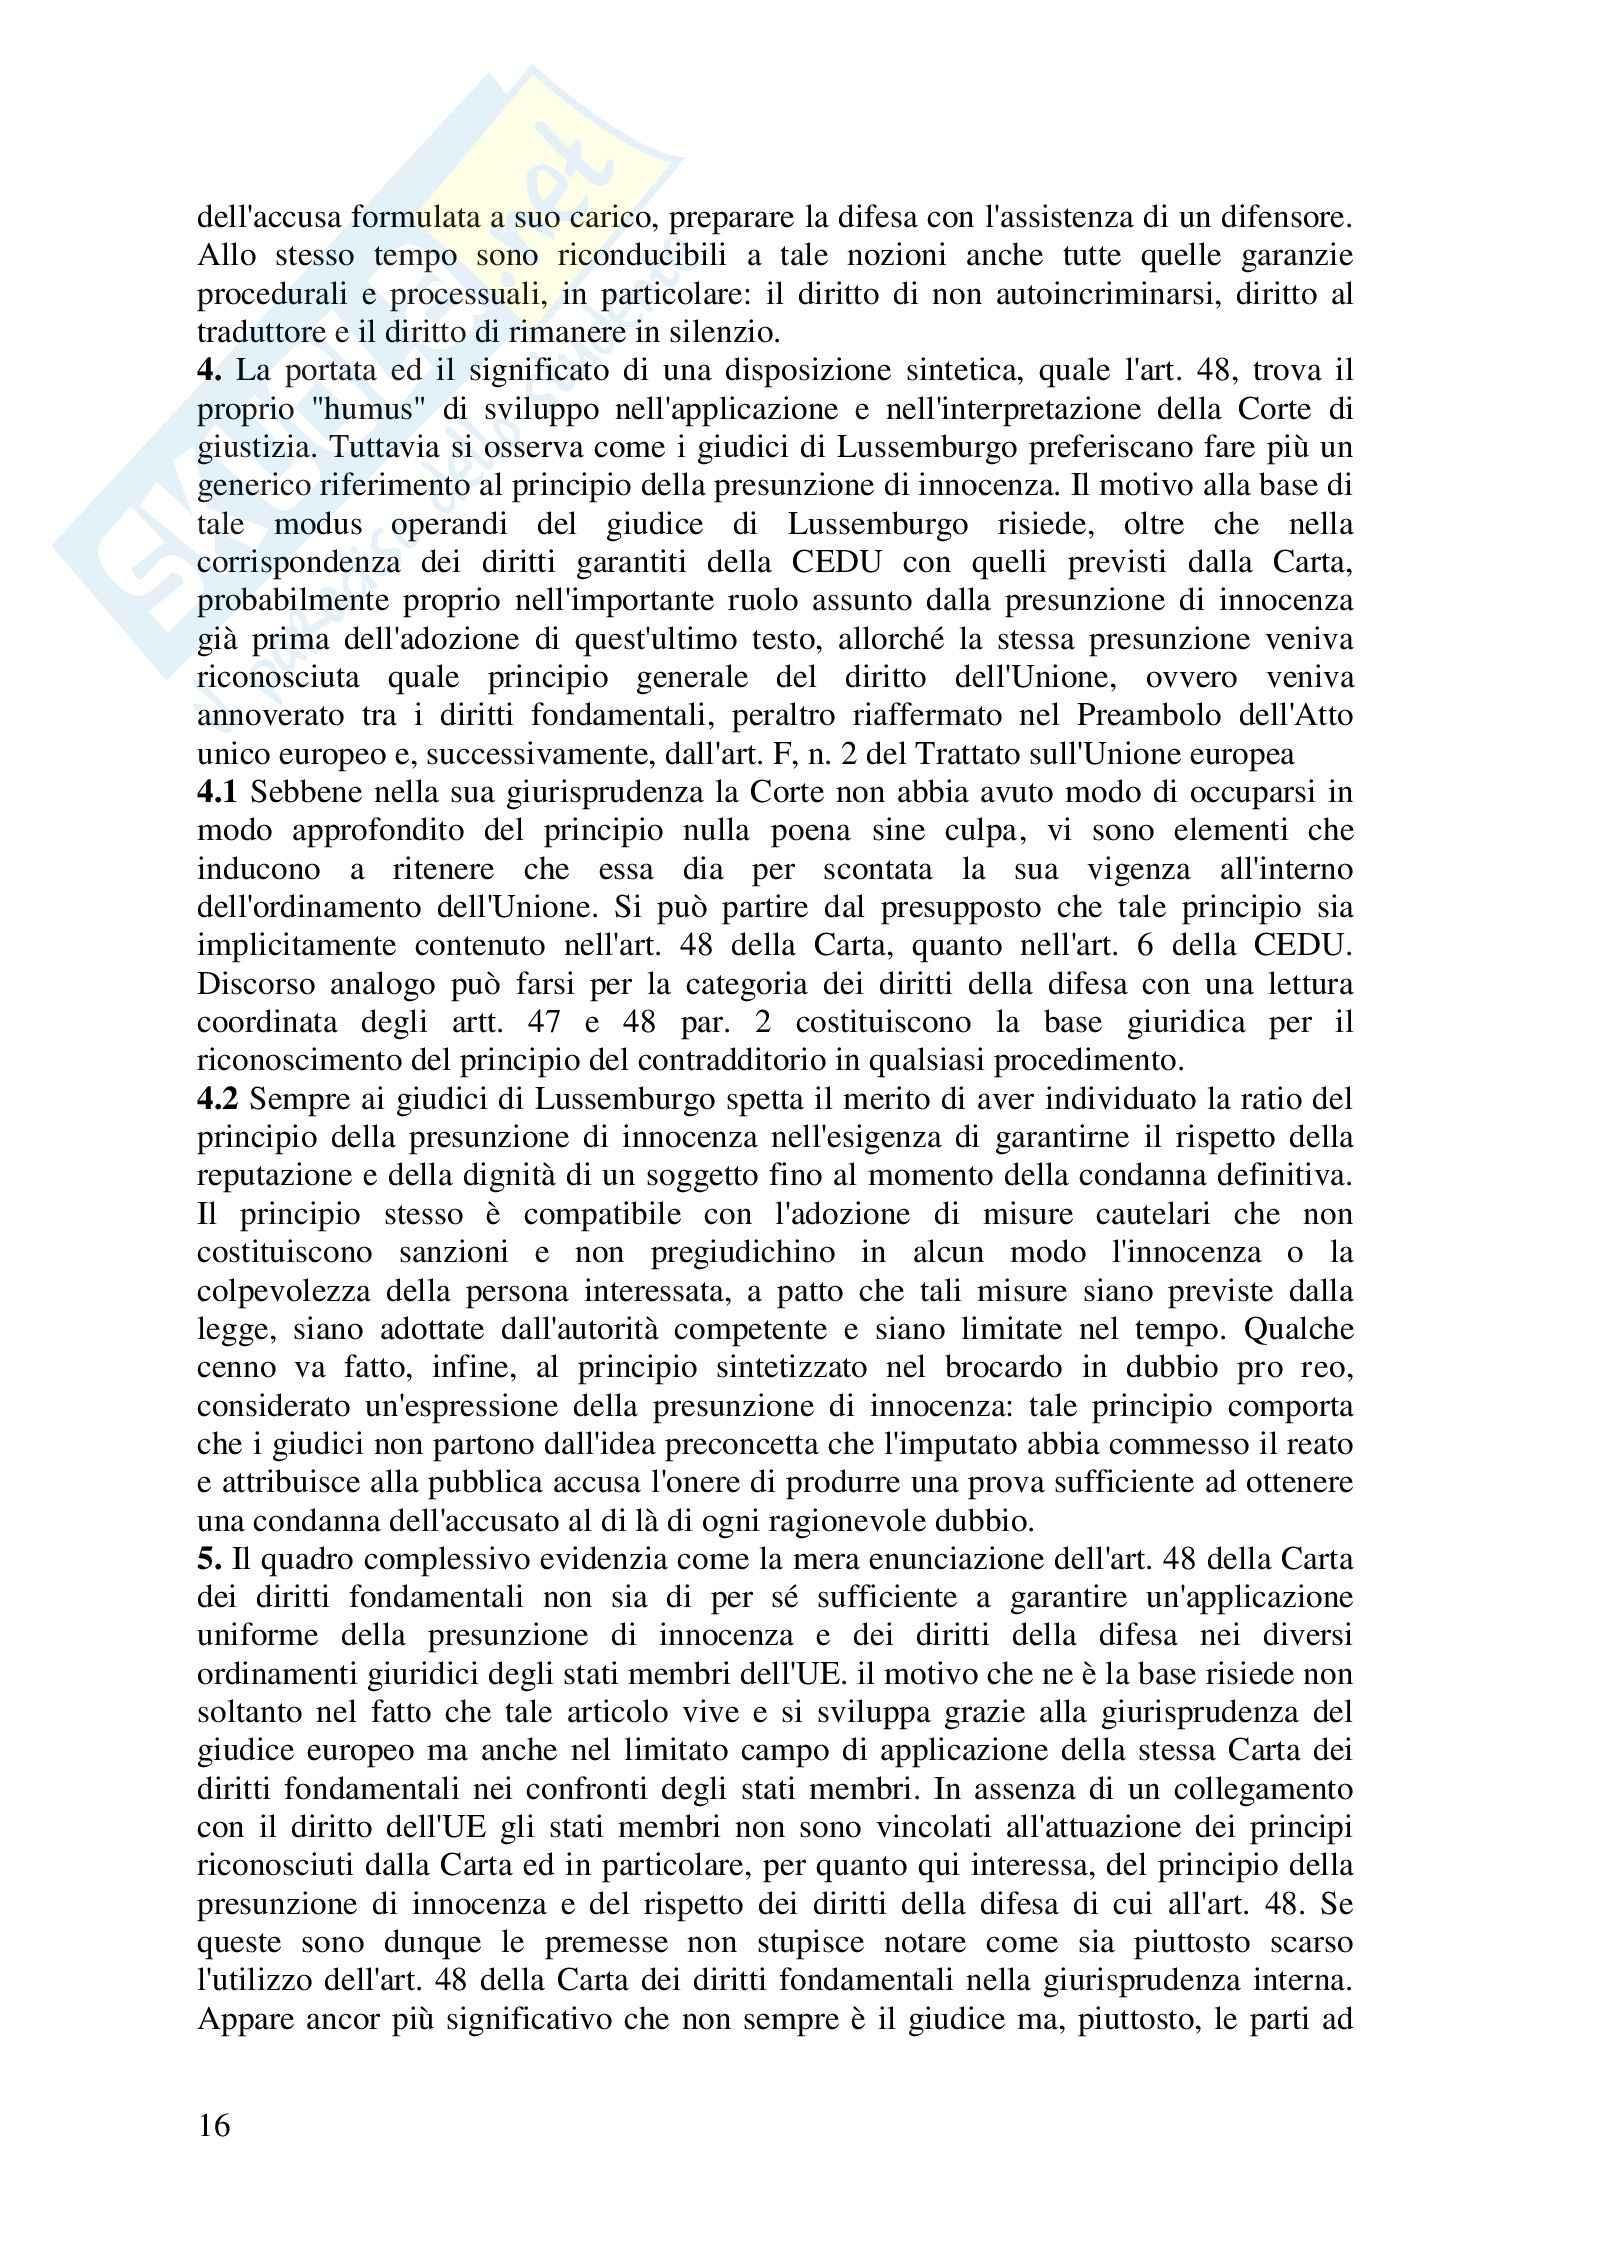 Riassunto esame Diritto dell'UE, prof. Di Stasi, Spazio europeo e diritti di giustizia Pag. 16